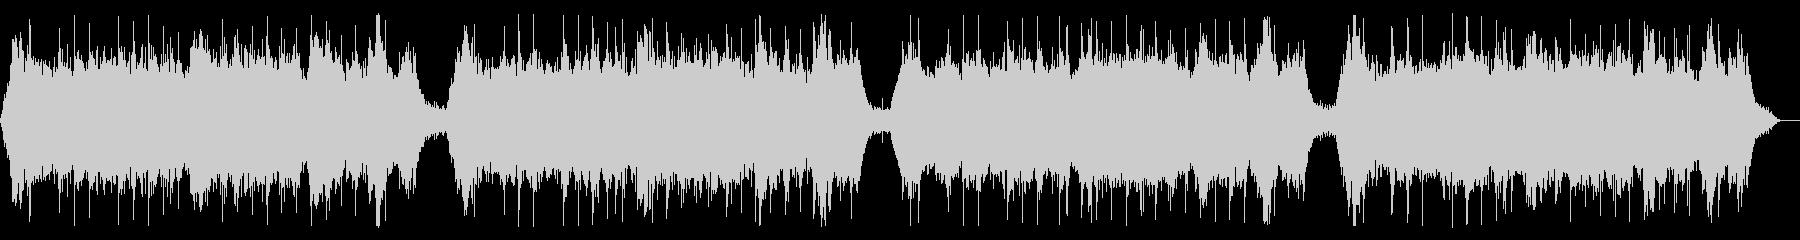 ヒーリング ソルフェジオ周波数の癒しの未再生の波形